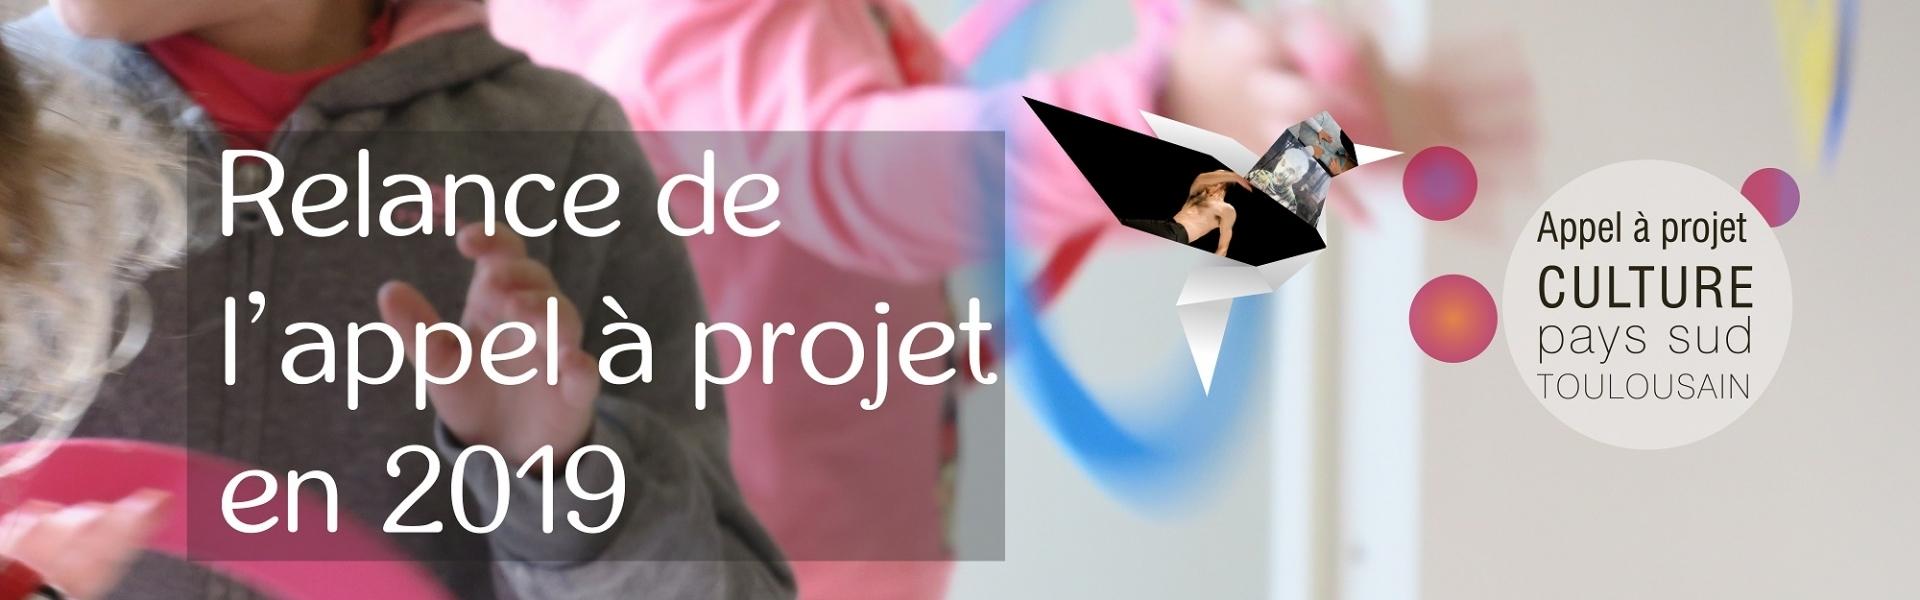 relance Appel à projet Culture 2019